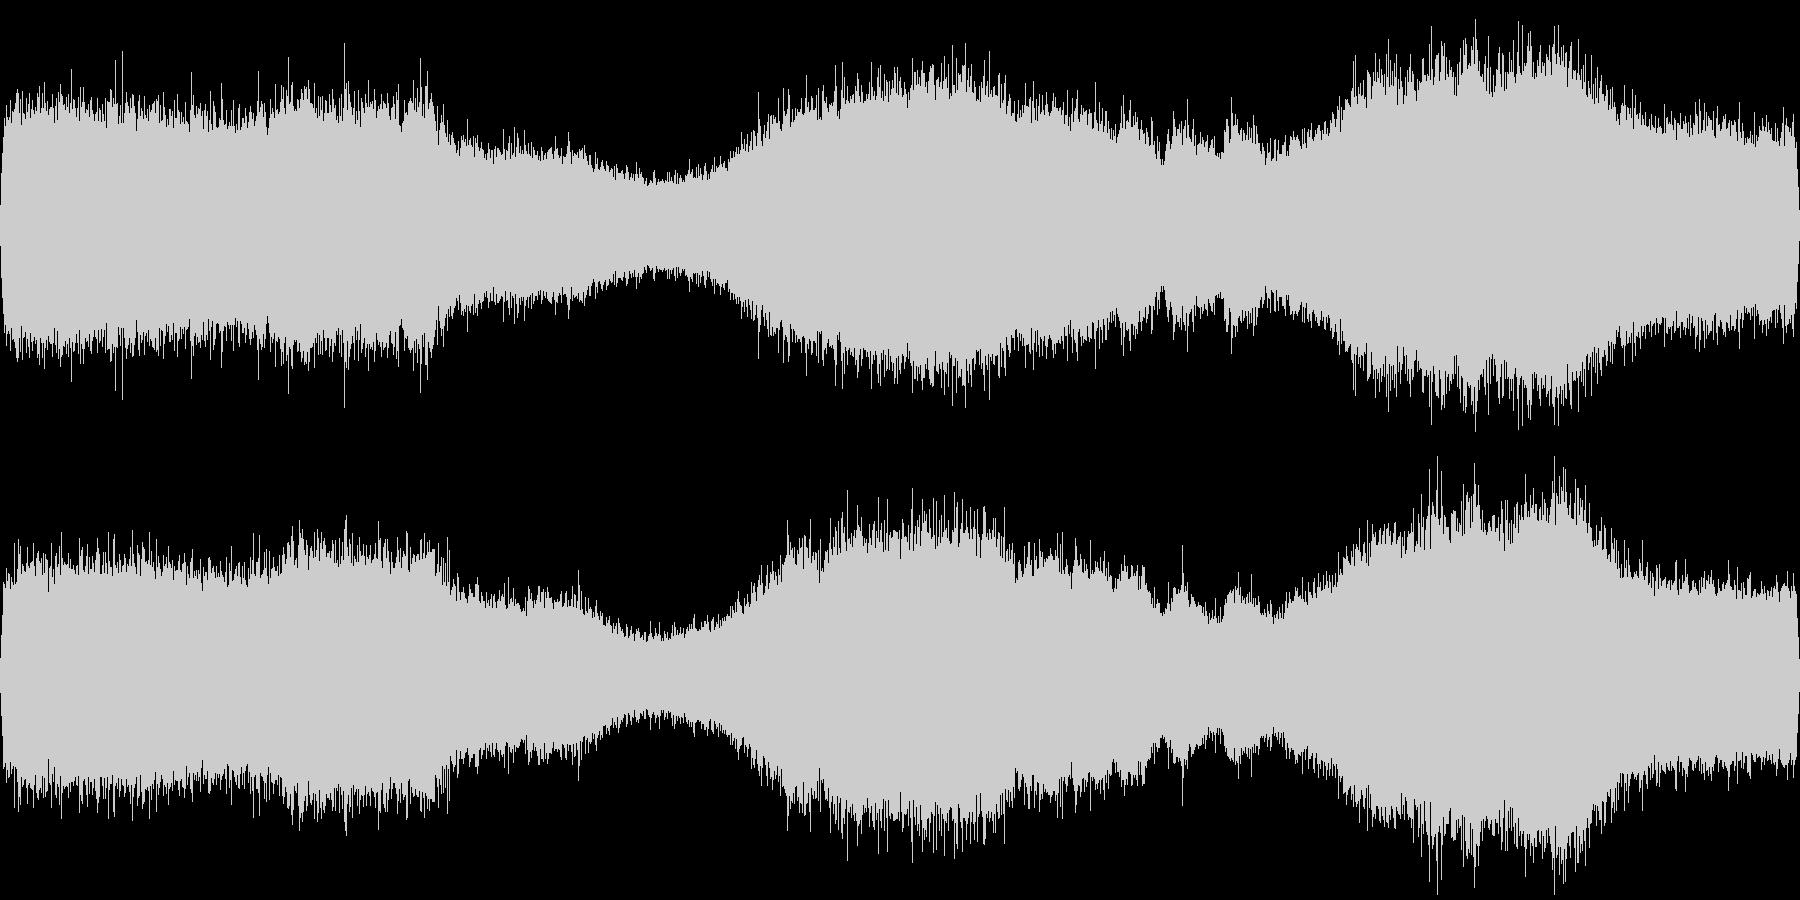 セミのフィールドレコーディングですの未再生の波形